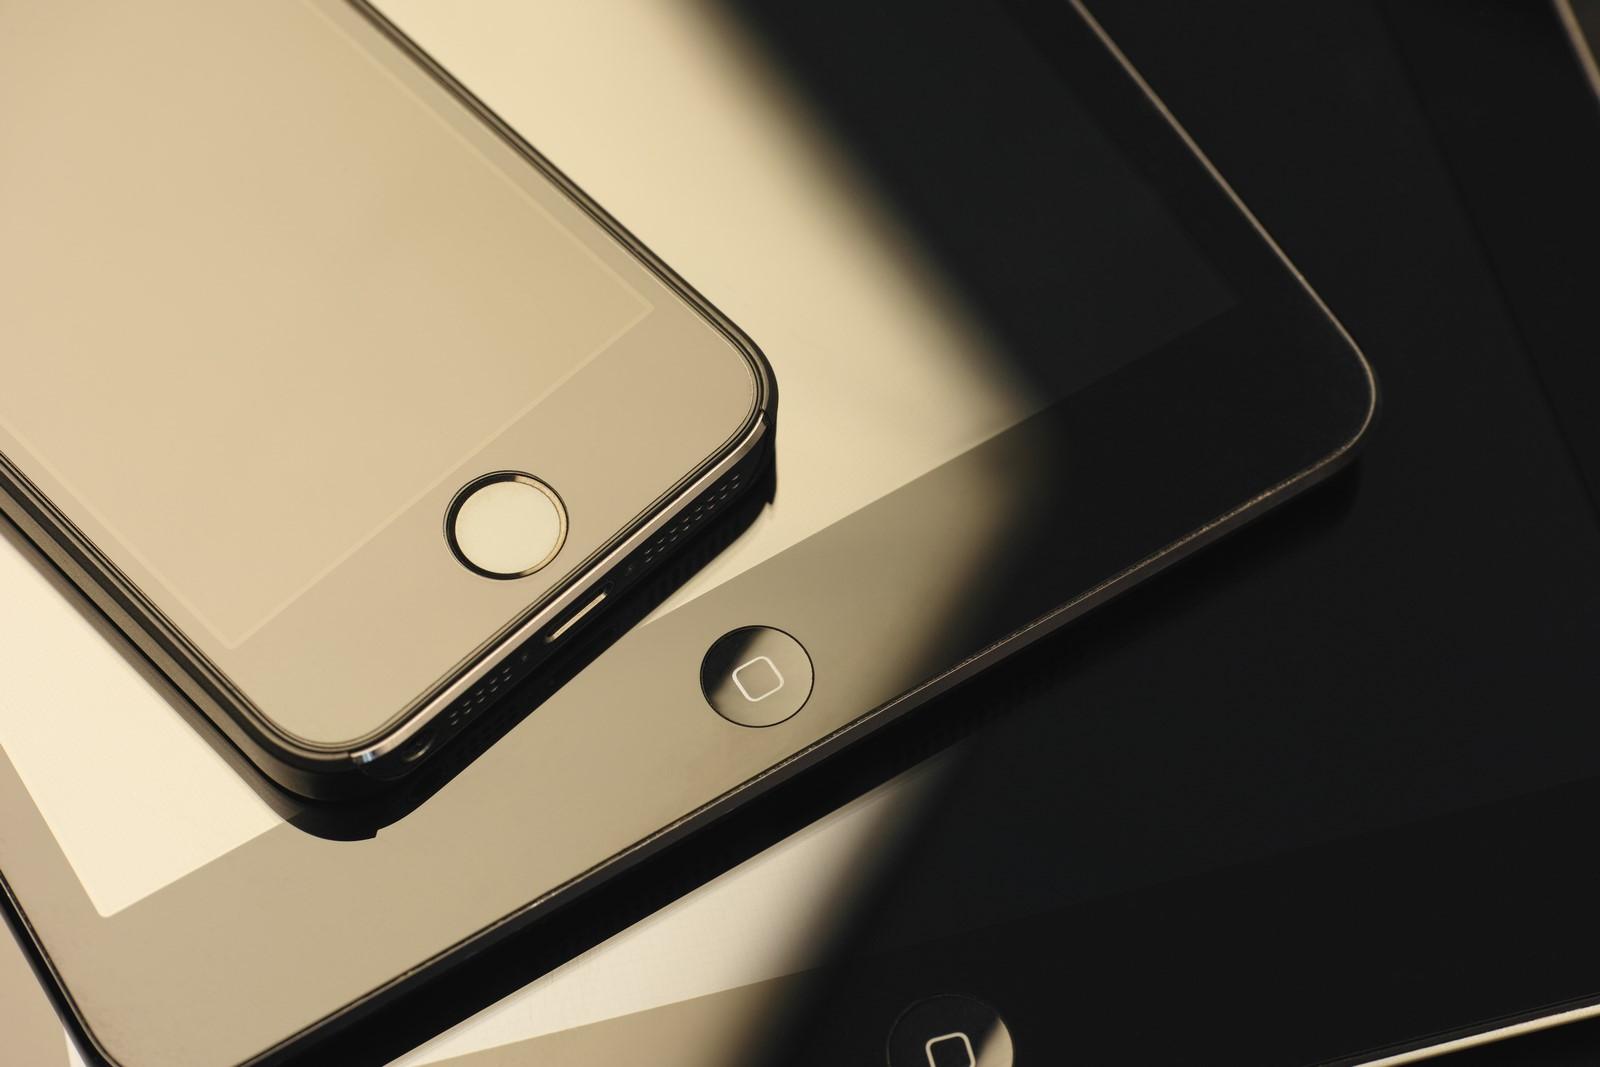 Oso iPhones zaharrak behar bezala funtzionatzen utziko dira eguneratzen ez badira. Apple ez zuen aurreikusten GPS erlojua berrabiaraztea